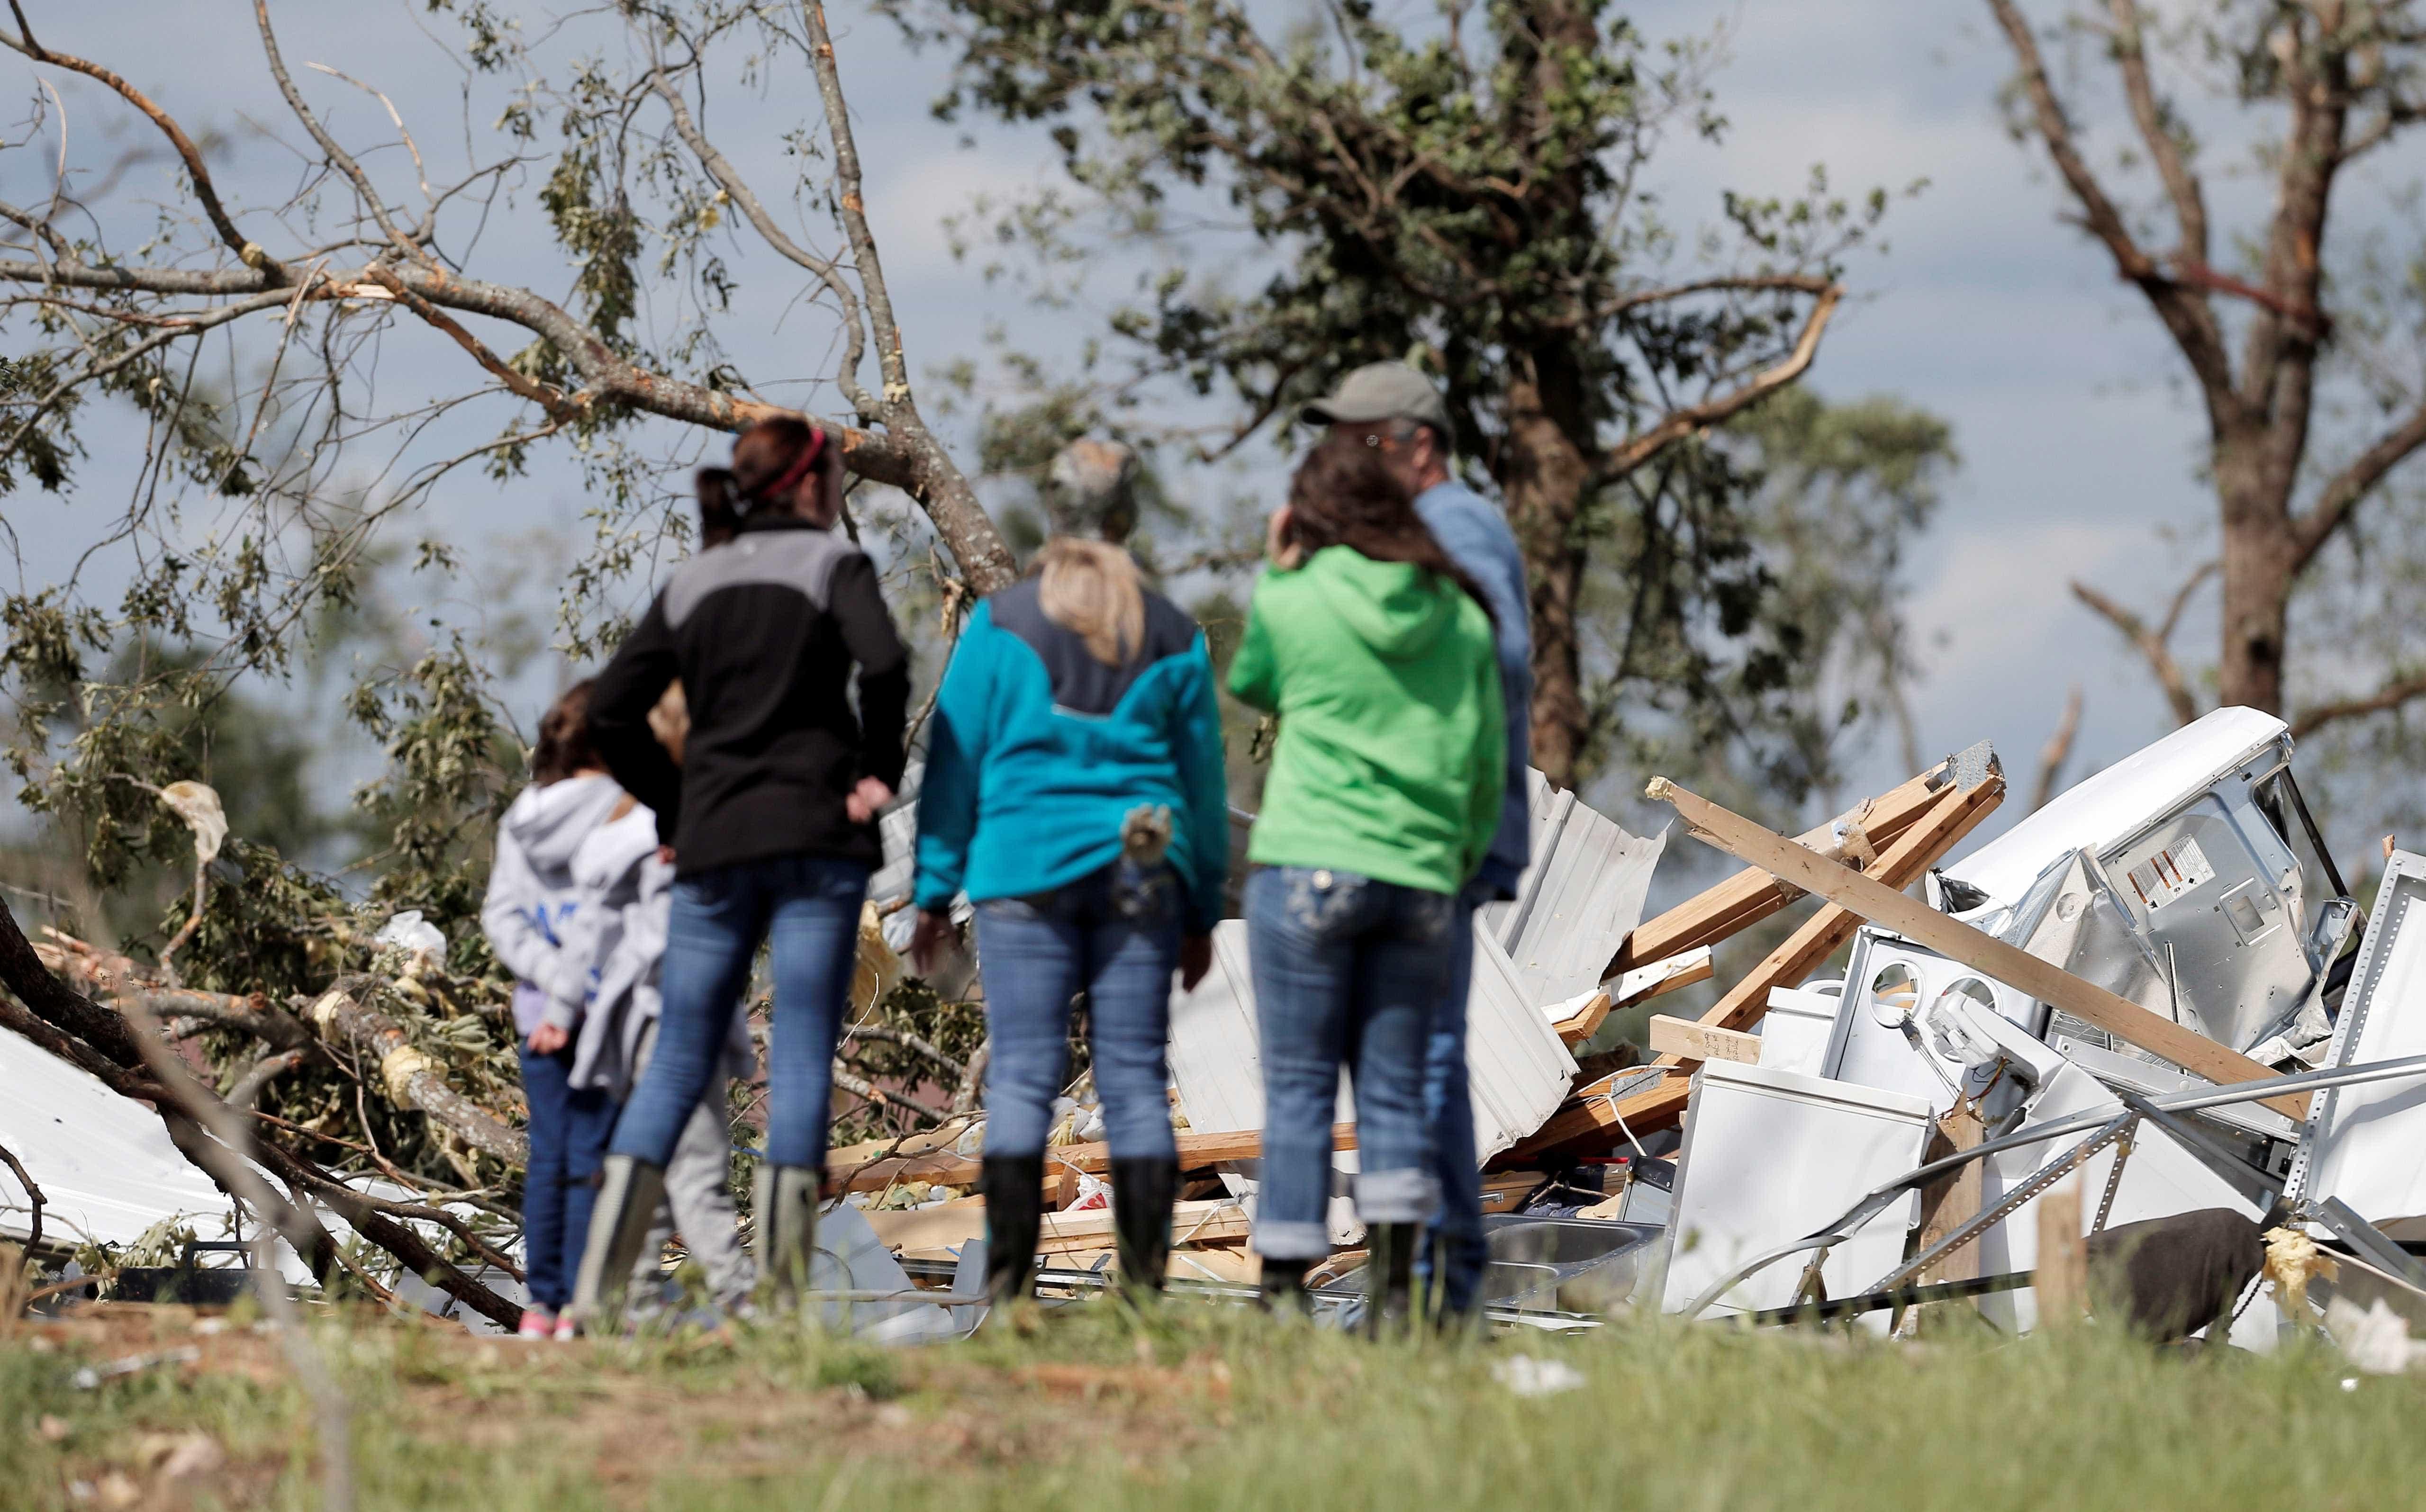 Sobe para 23 número de mortos em tornado nos EUA. Crianças entre vítimas